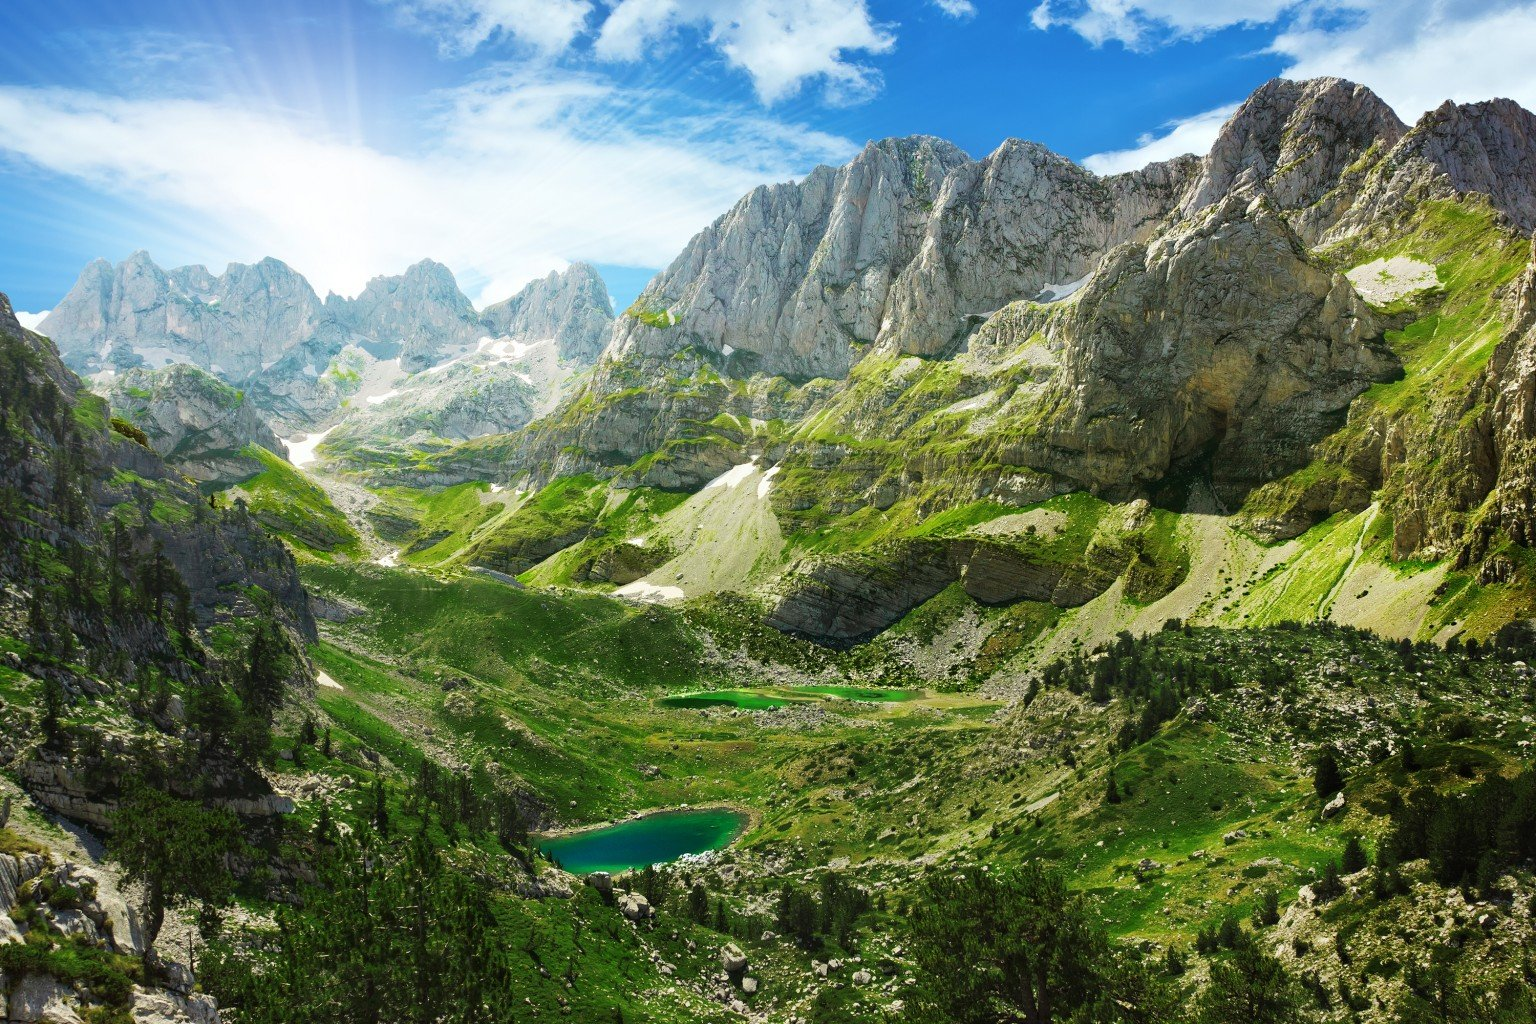 walking holidays in the Balkans, the Balkans, self guided walking in the Balkans, self guided walking holidays in the Balkans, Albanian Alps Walking Holiday